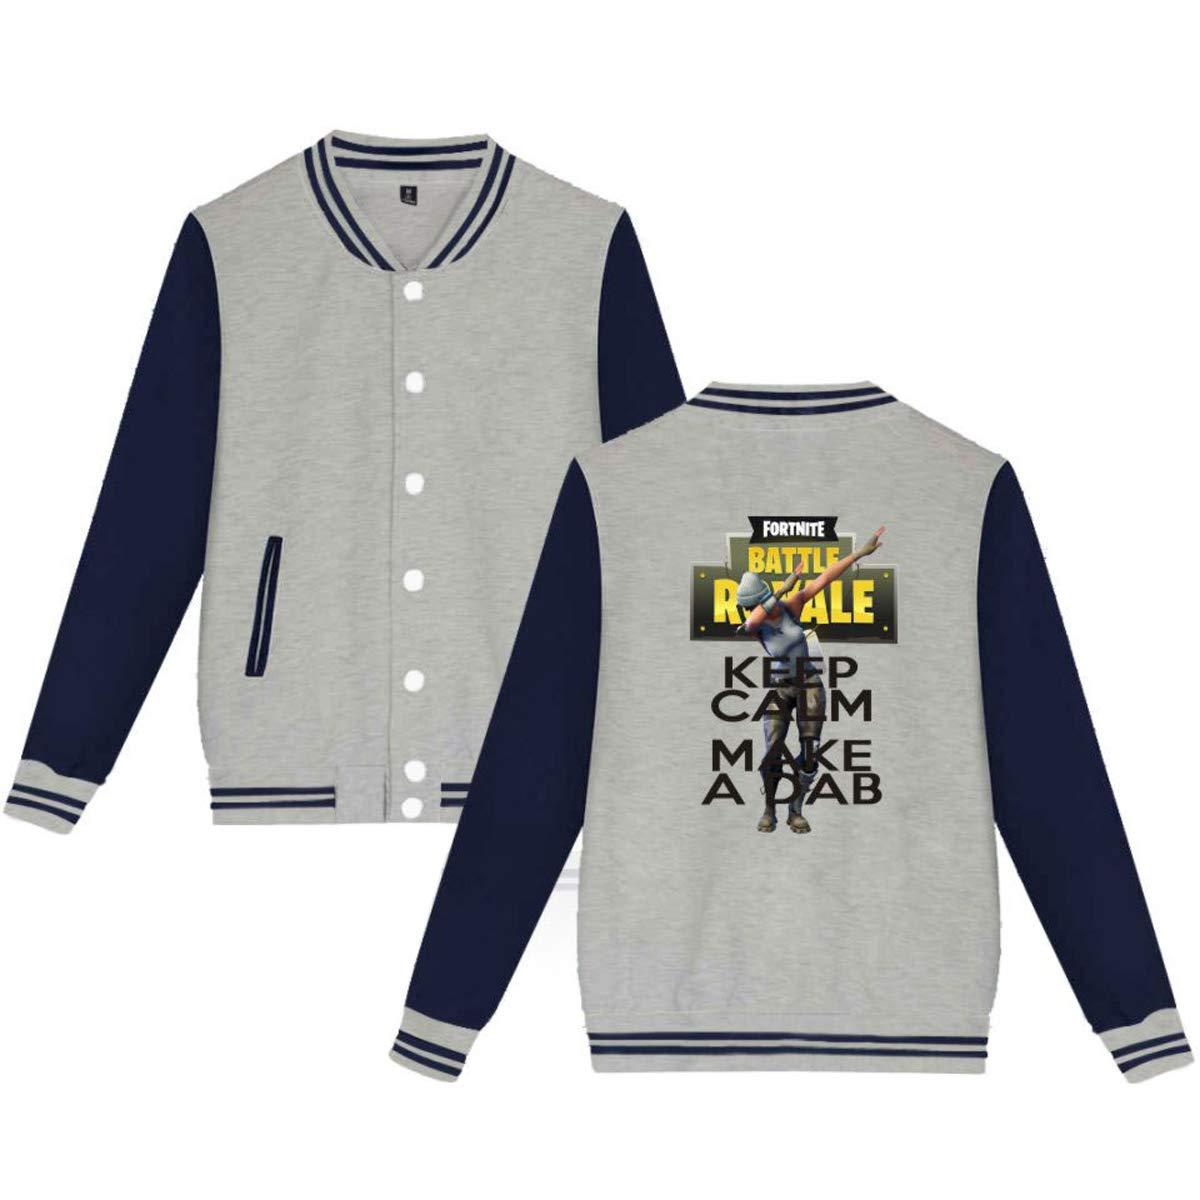 Topsone Primavera y Otoño Unisex Baseball Chaquetas Hombres Casual Clásico Manga  Larga Jacket Ropa de Abrigo a2249a46c8ef8